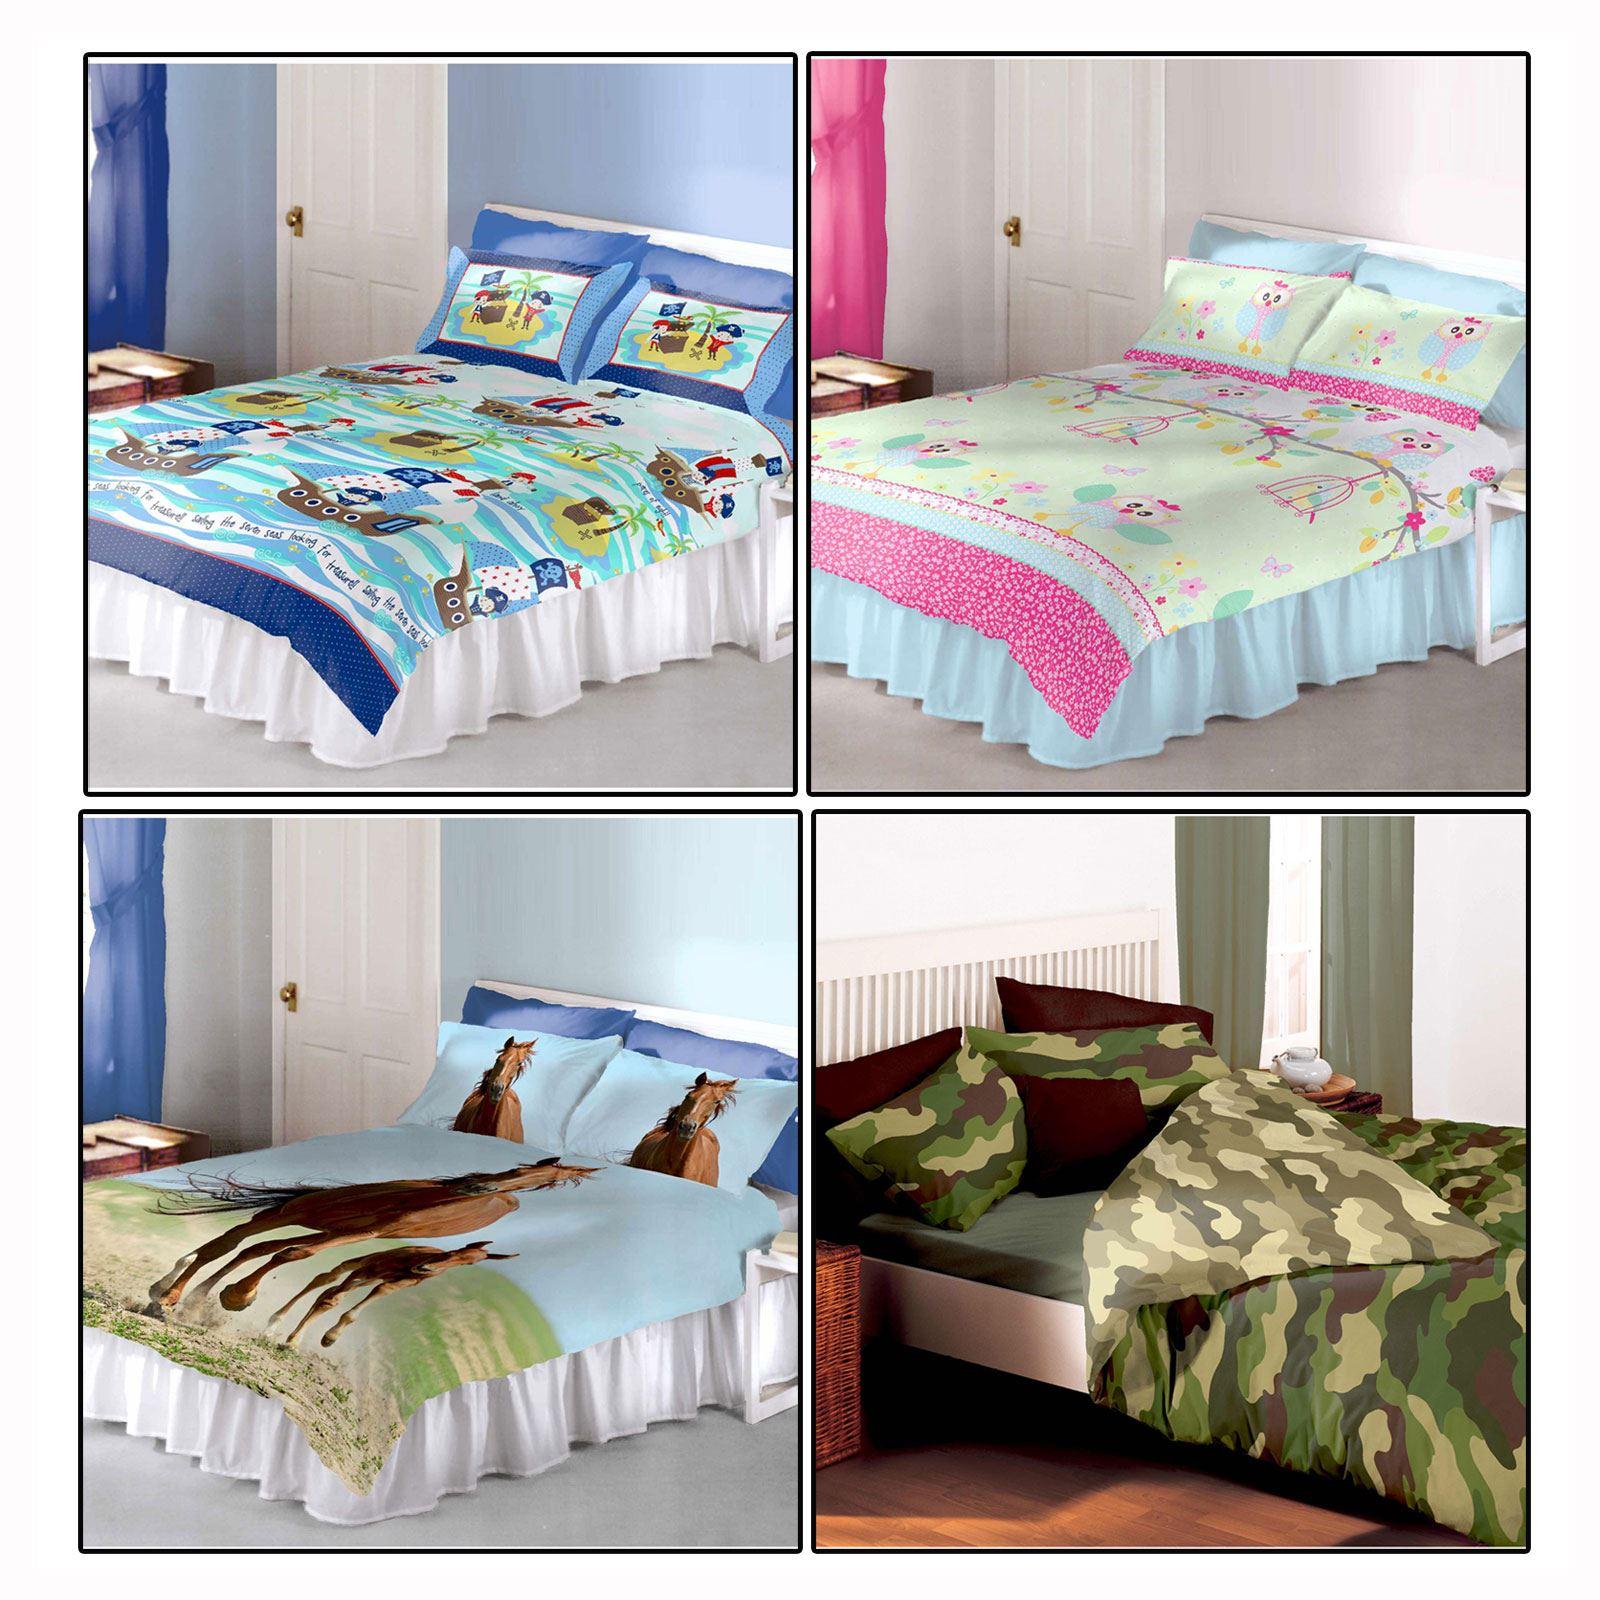 kinder doppelbetten bettw sche sets junge m dchen steppdecke ebay. Black Bedroom Furniture Sets. Home Design Ideas